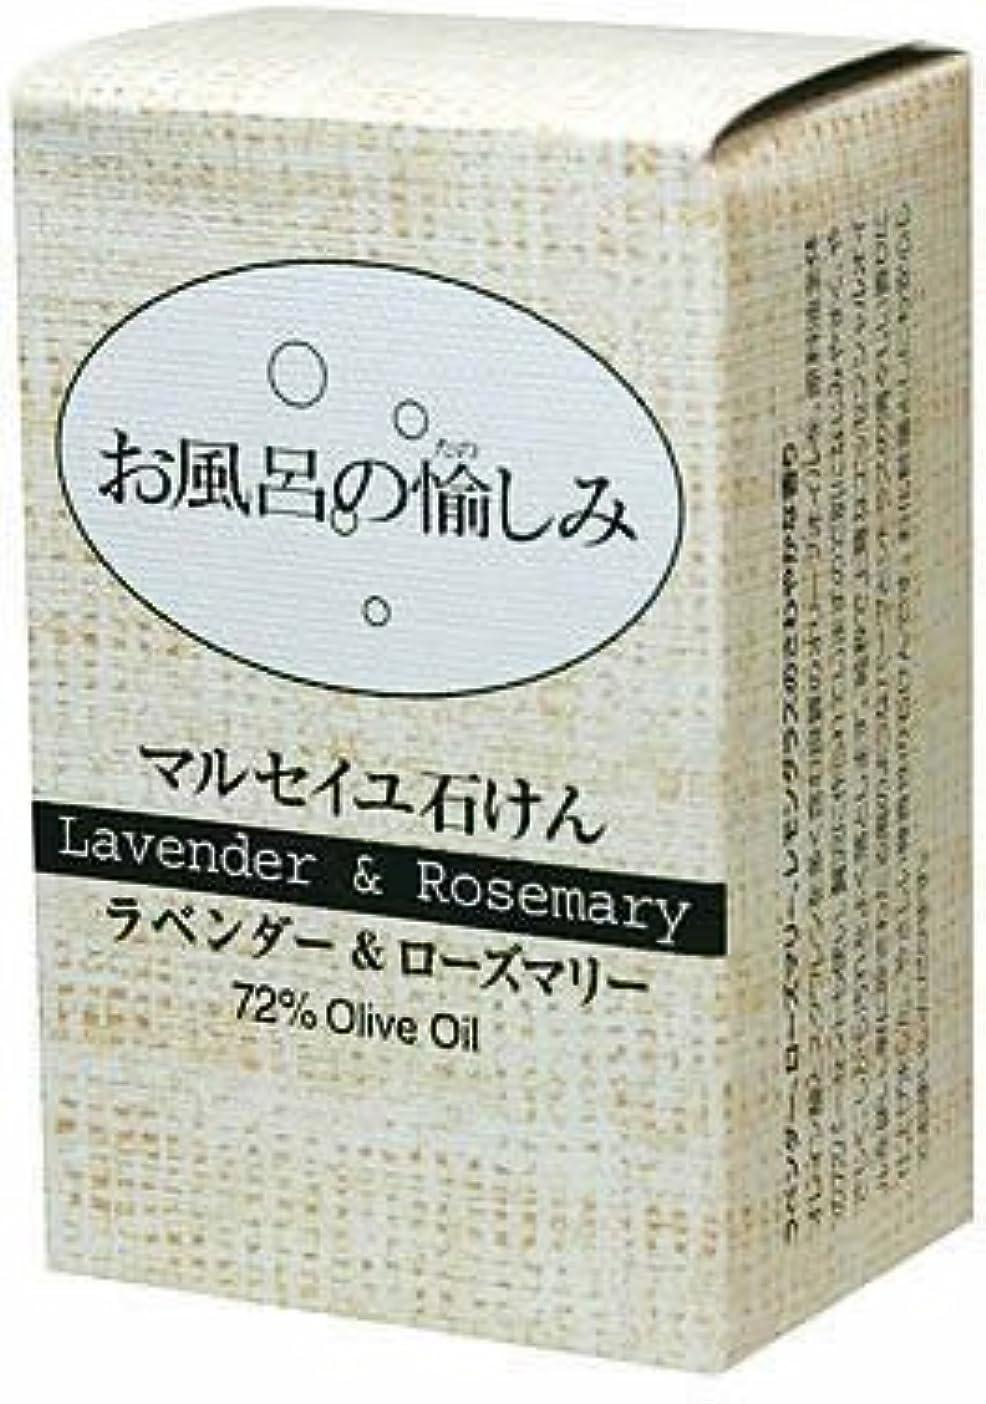 同種の骨髄引っ張るお風呂の愉しみ マルセイユ石鹸 (ラベンダー&ローズマリー)